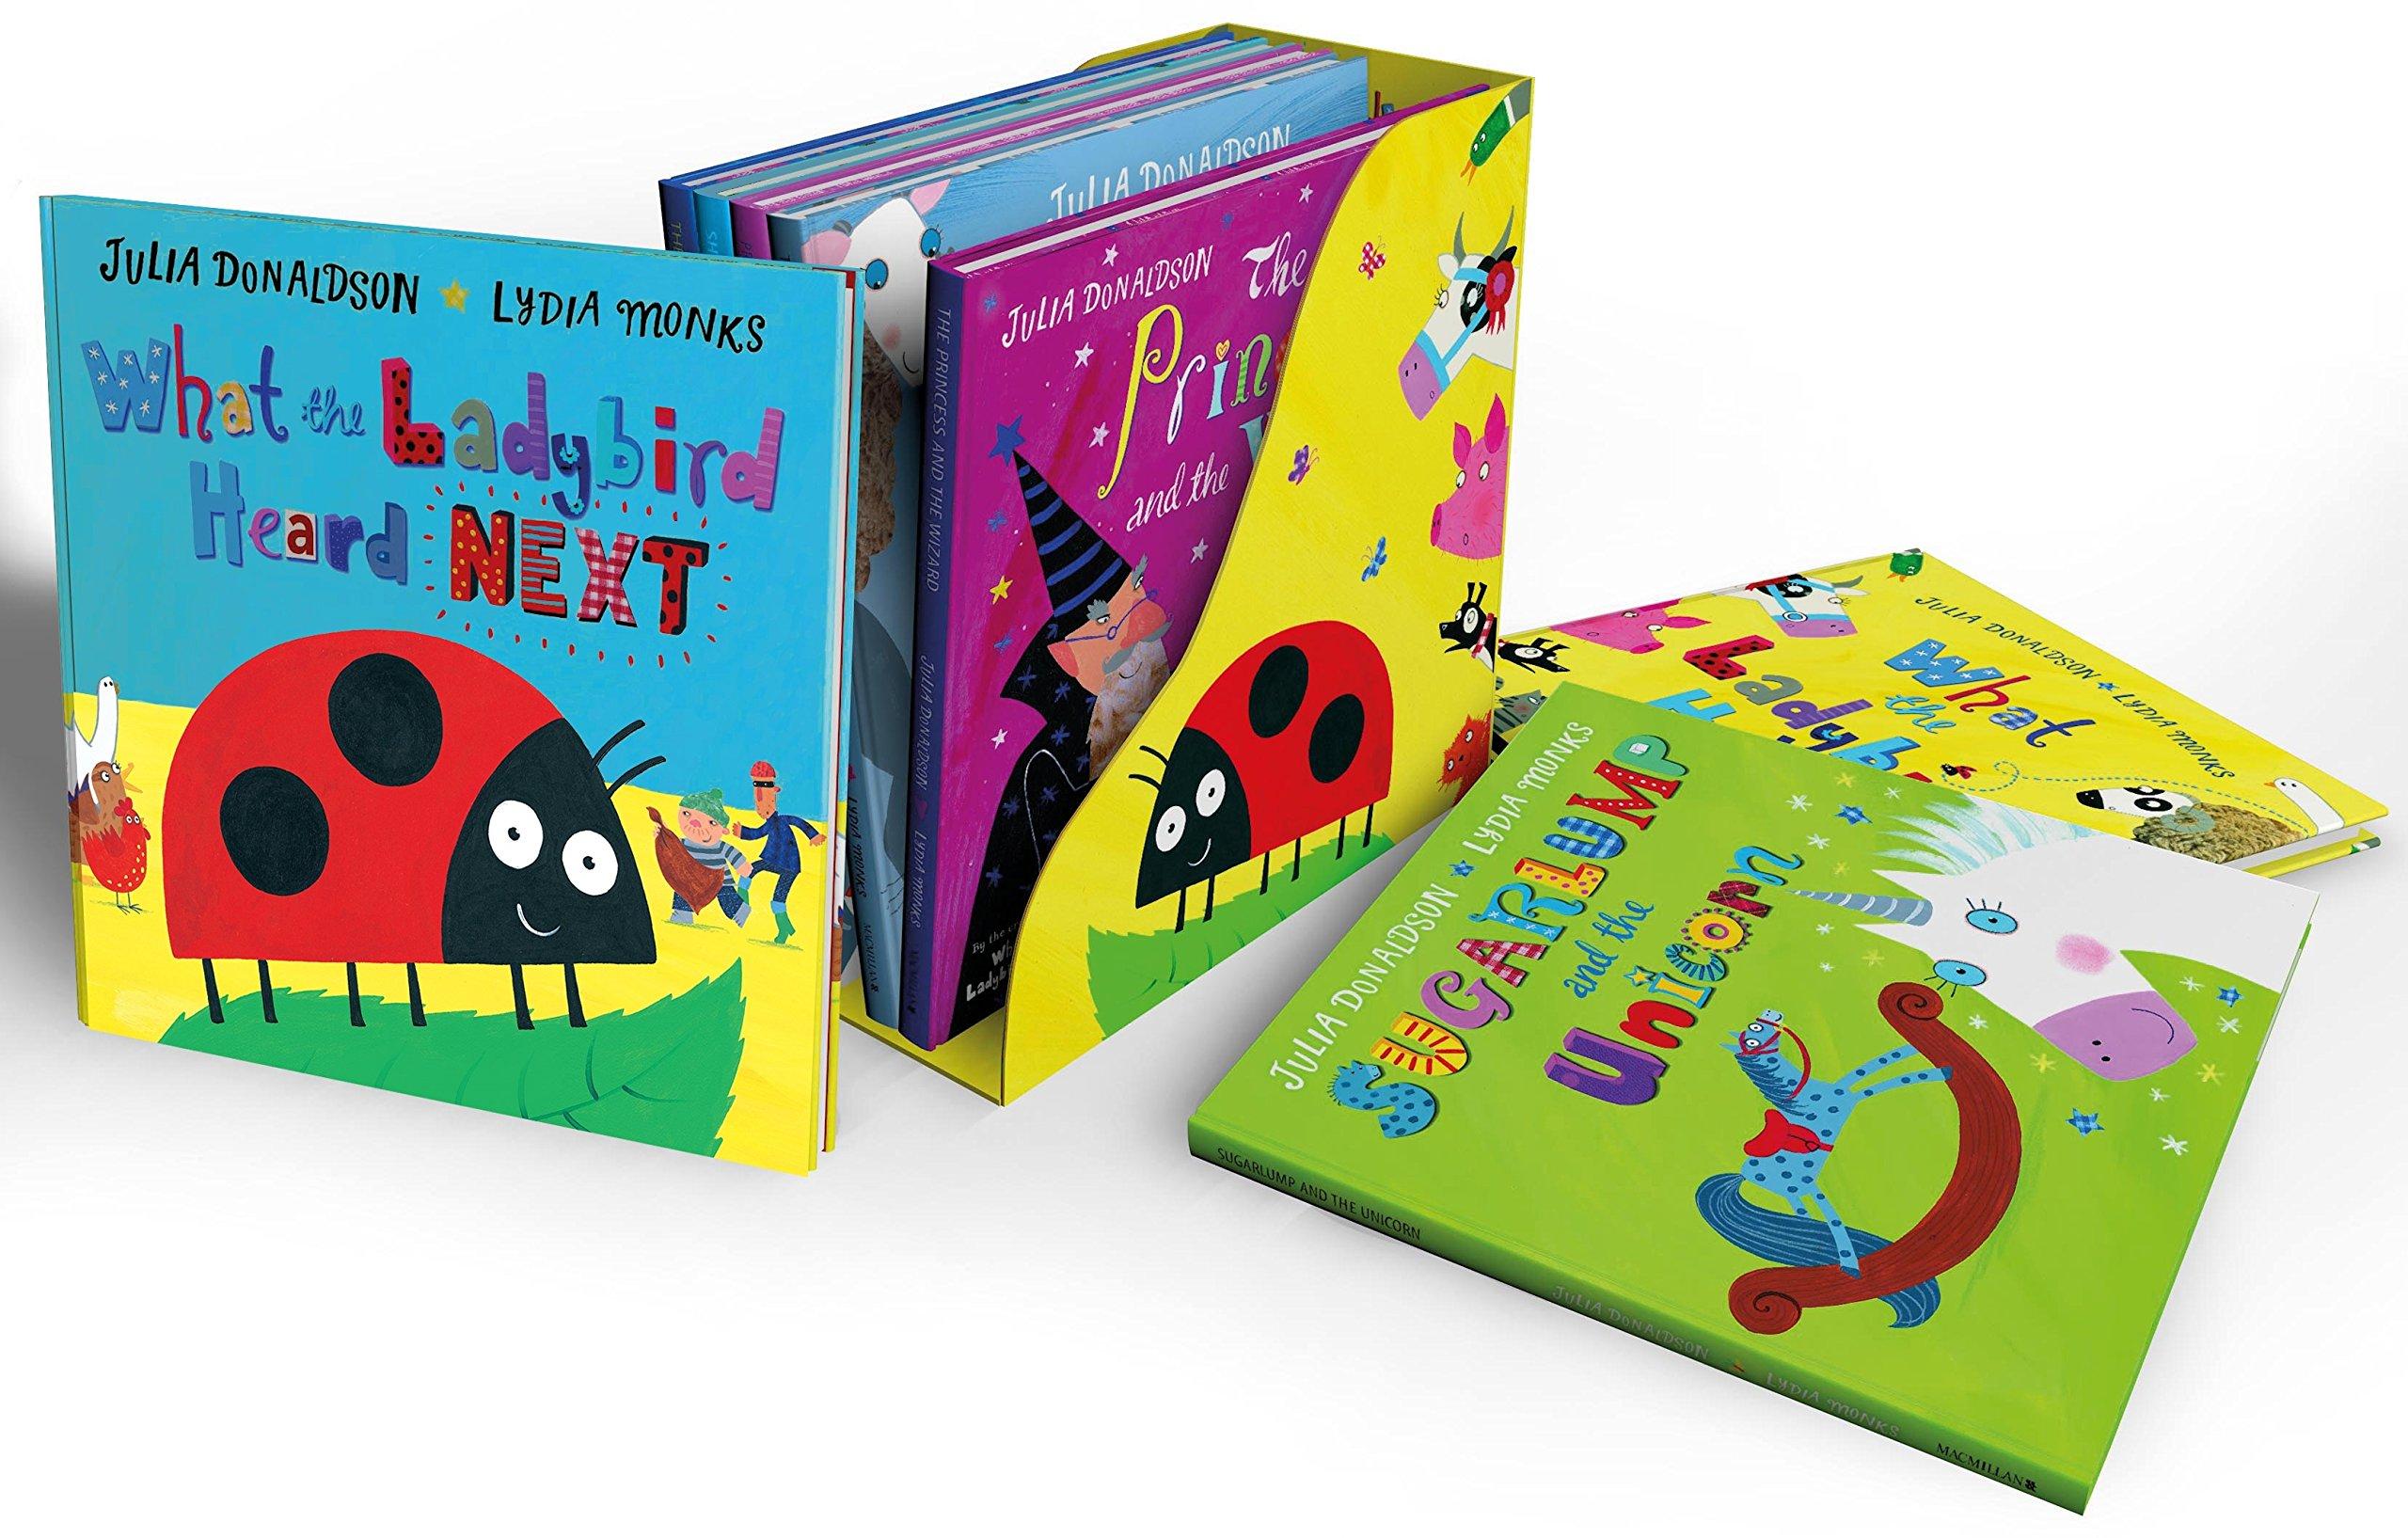 What the Ladybird Heard and Other Stories Bedtime Bookcase: Amazon.es: Donaldson, Julia, Monks, Lydia: Libros en idiomas extranjeros